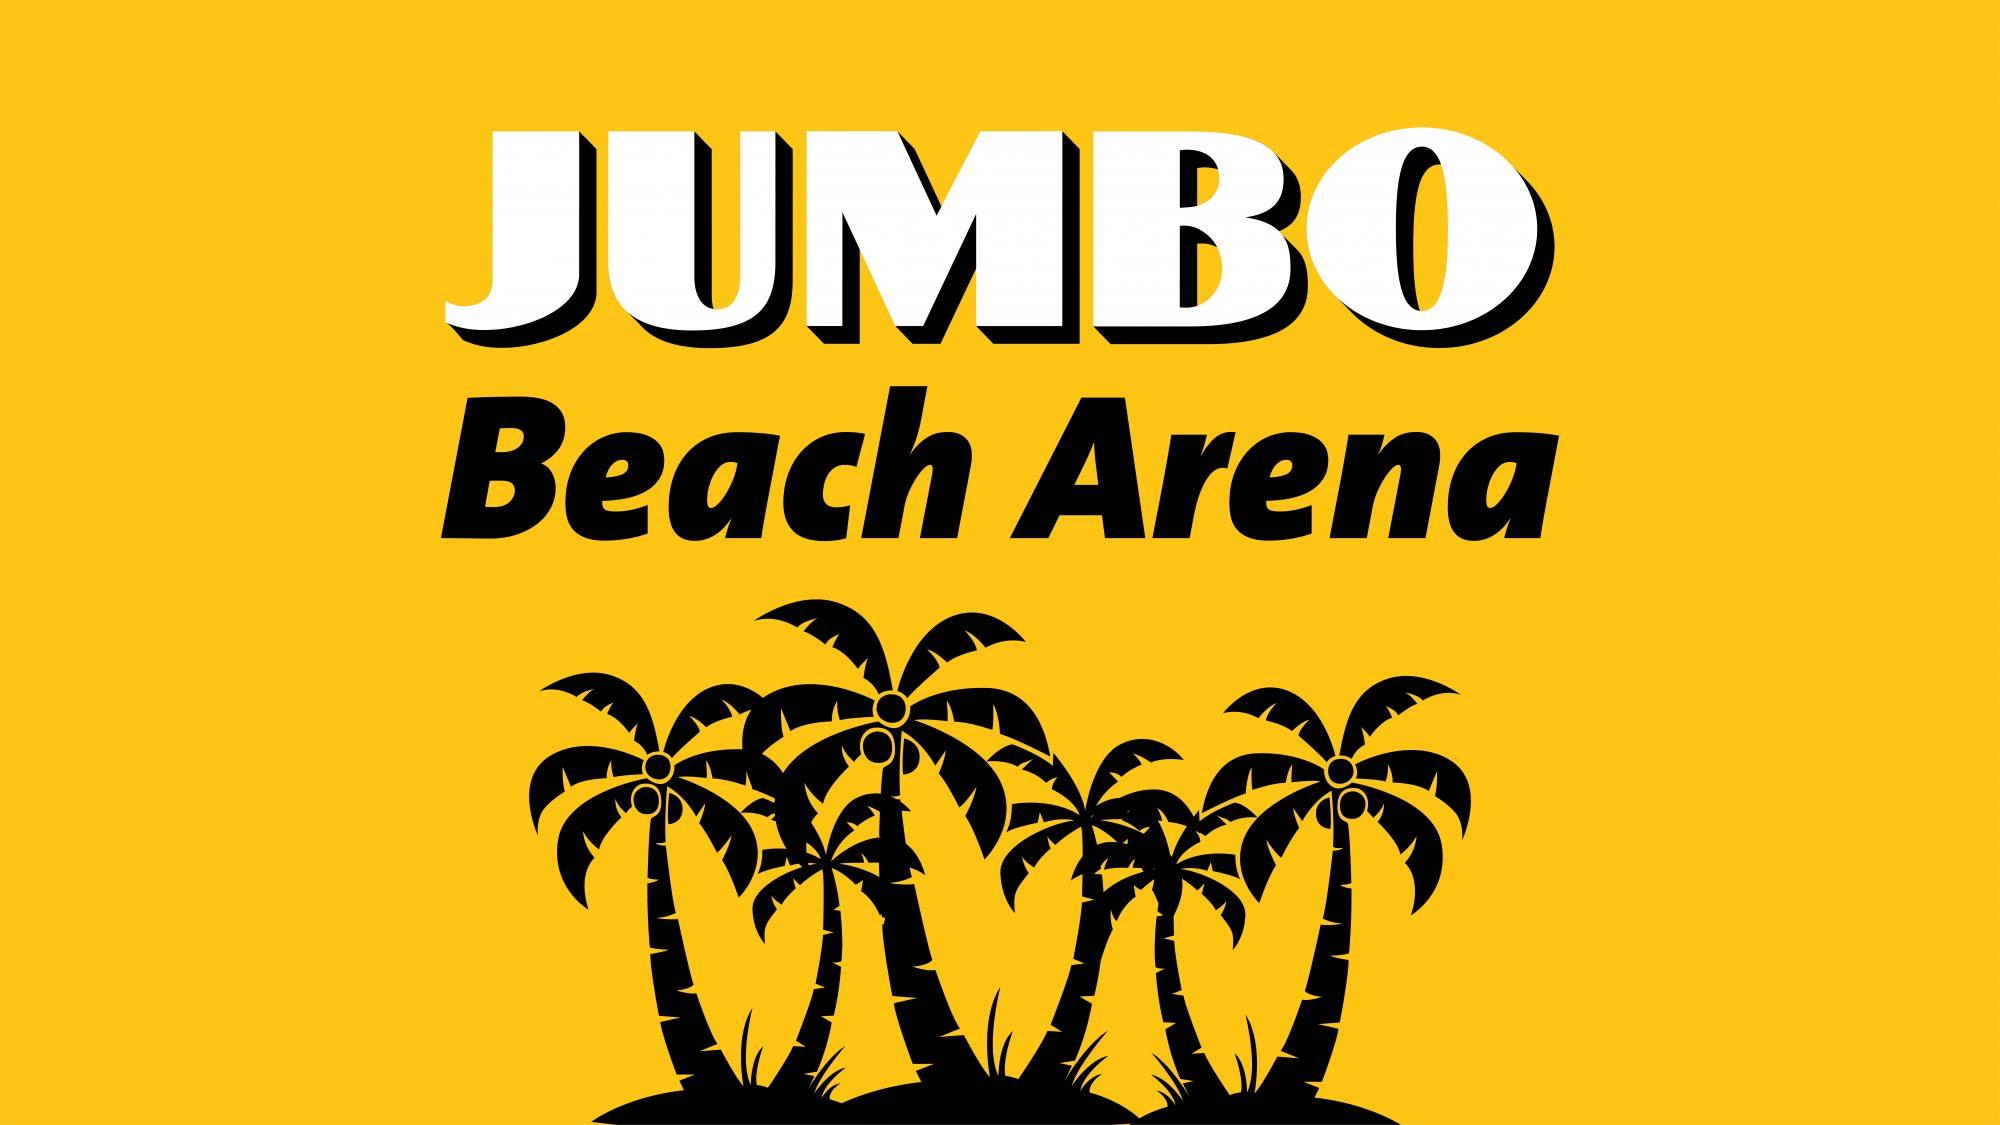 Jumbo Beach Arena